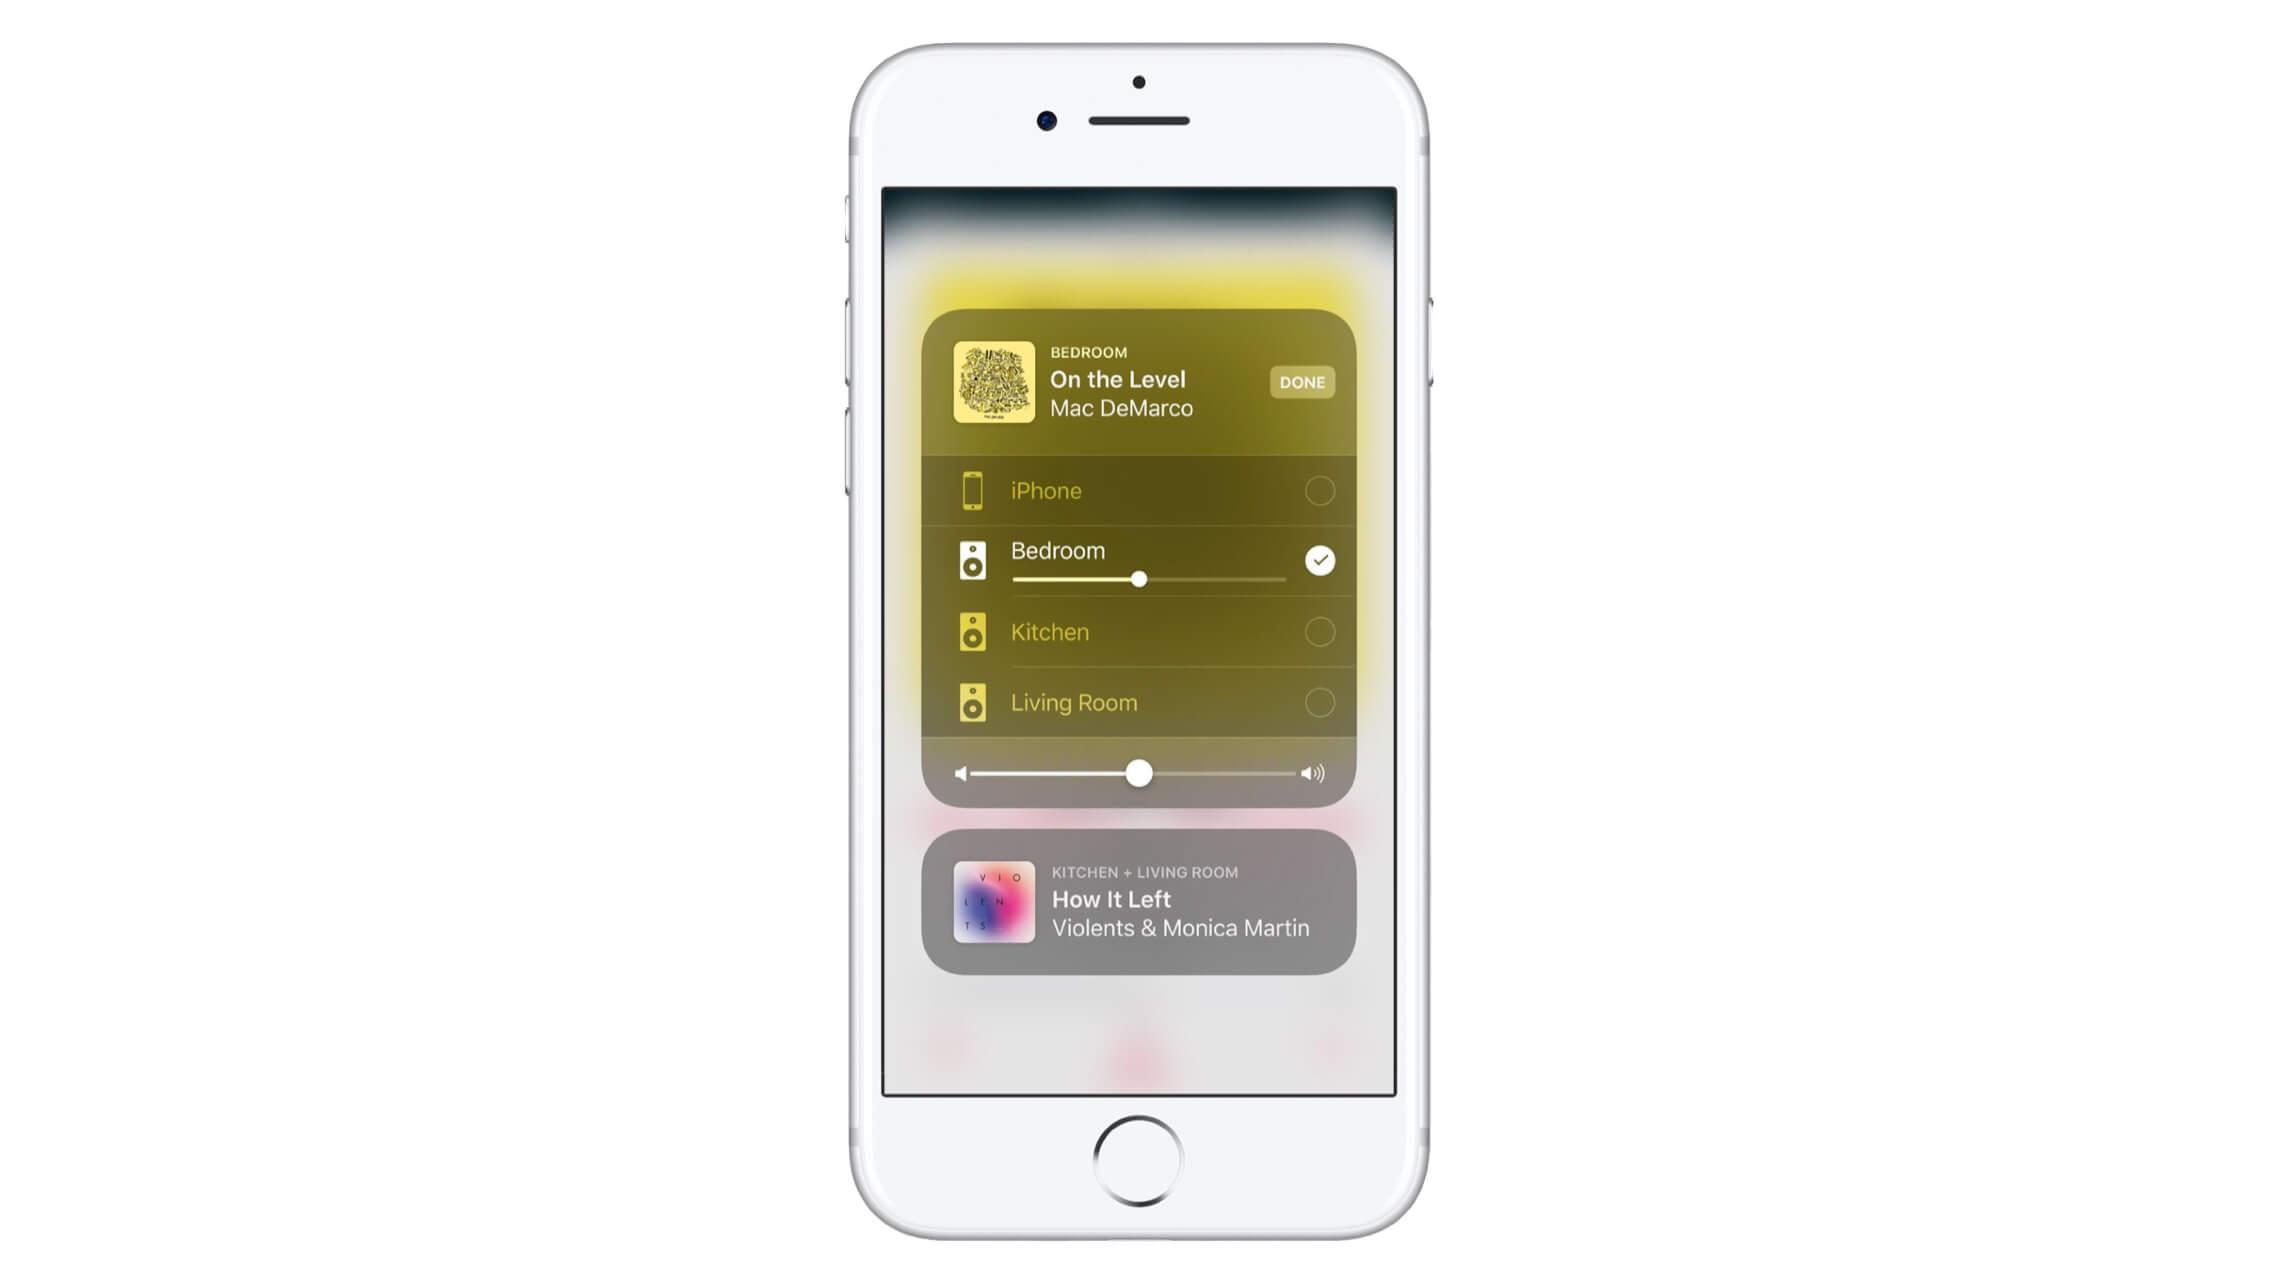 Flere iPhone-brukere opplever batteritrøbbel med iOS 11.4.